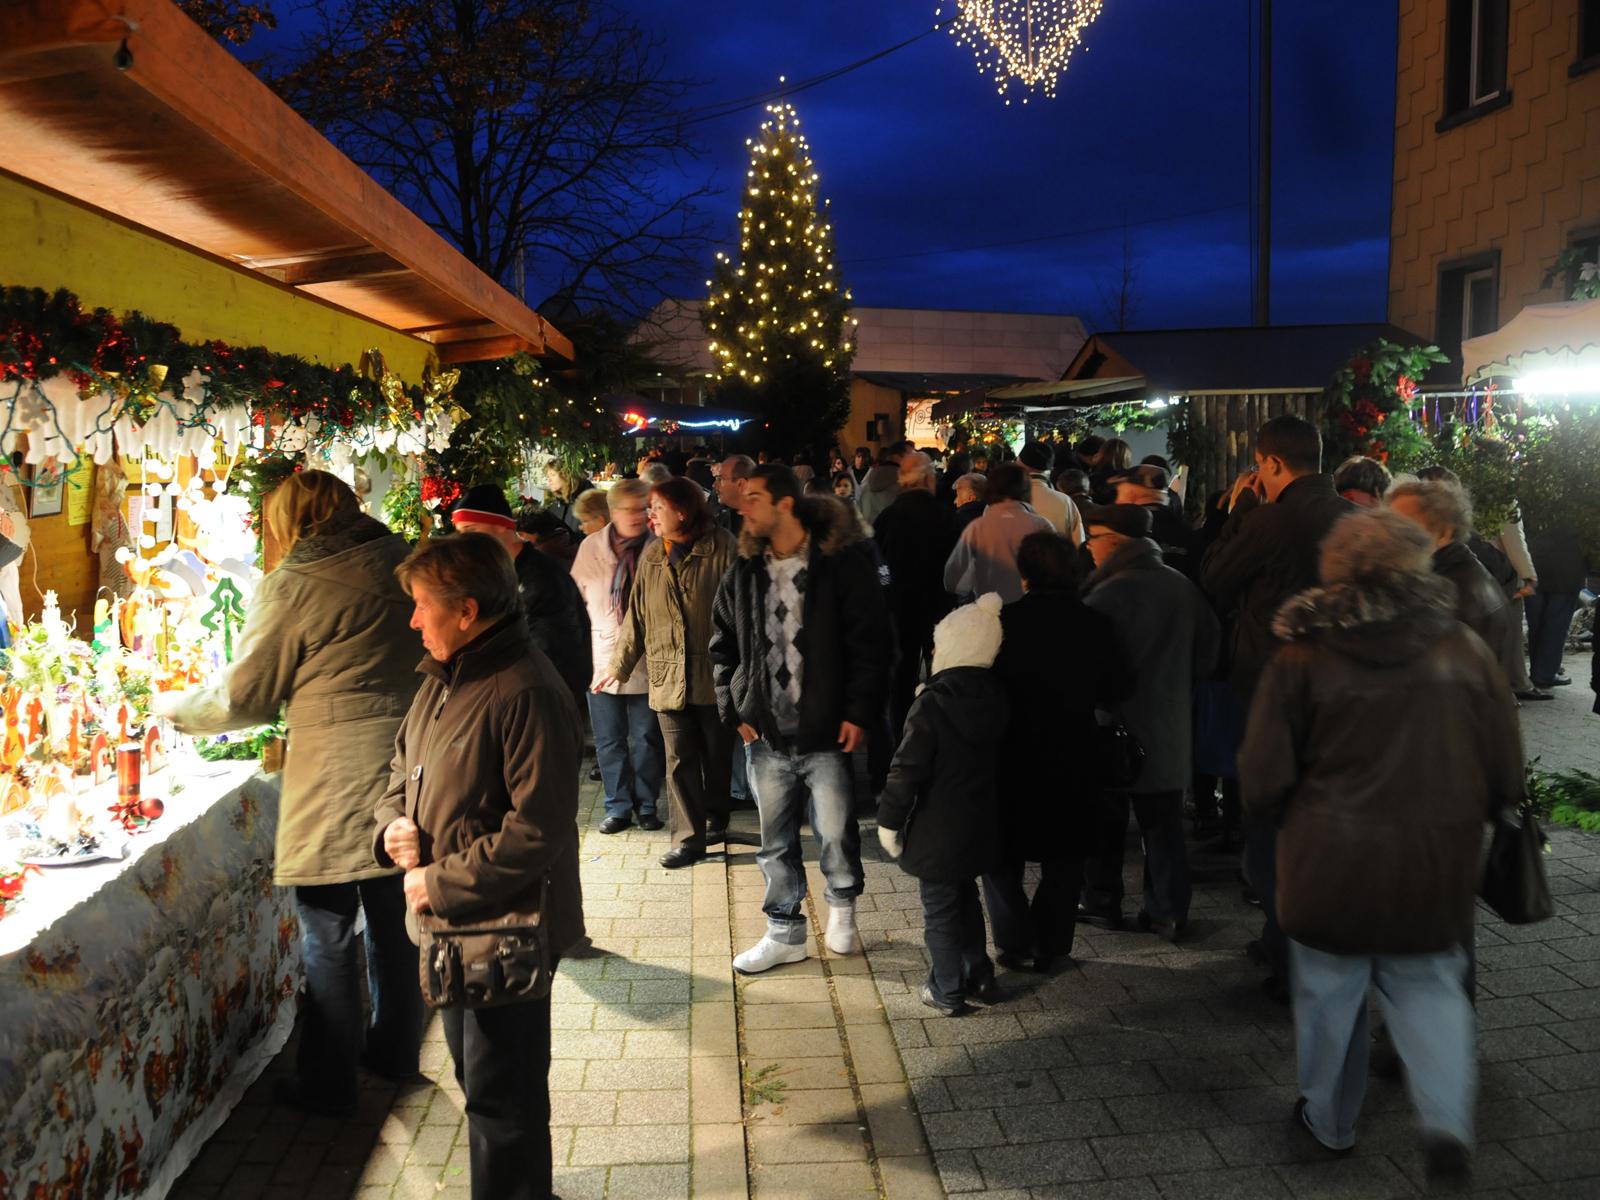 Der Weihnachtsmarkt rund um den Kronenmarkt lockt mit seinem besonderen Flair jedes Jahr viele Besucher